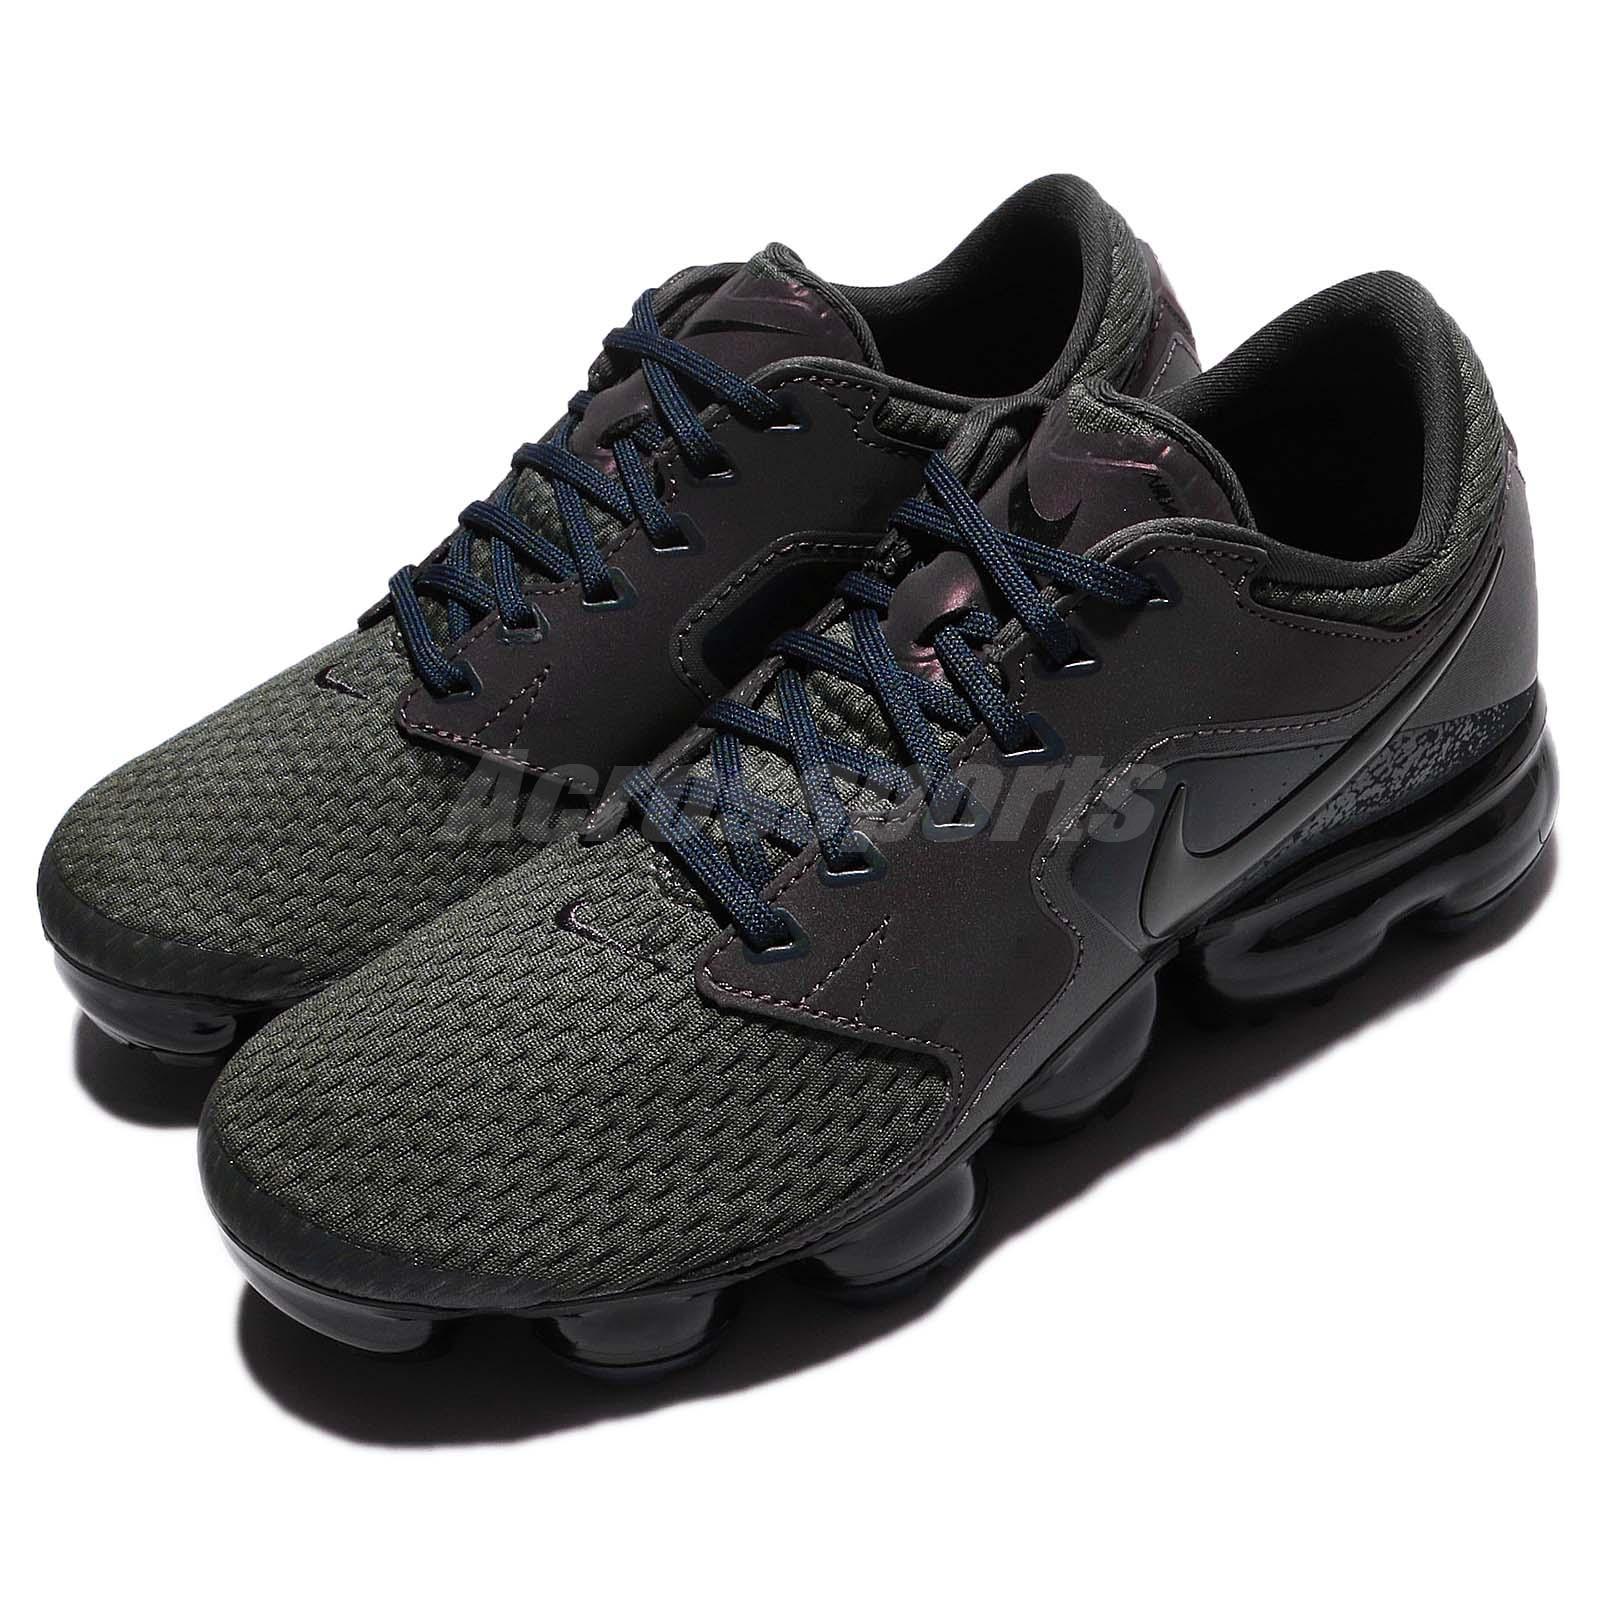 e4d5b1a801 Details about Wmns Nike Air Vapormax Reflective Midnight Fog Women Running  Shoes AJ4470-002